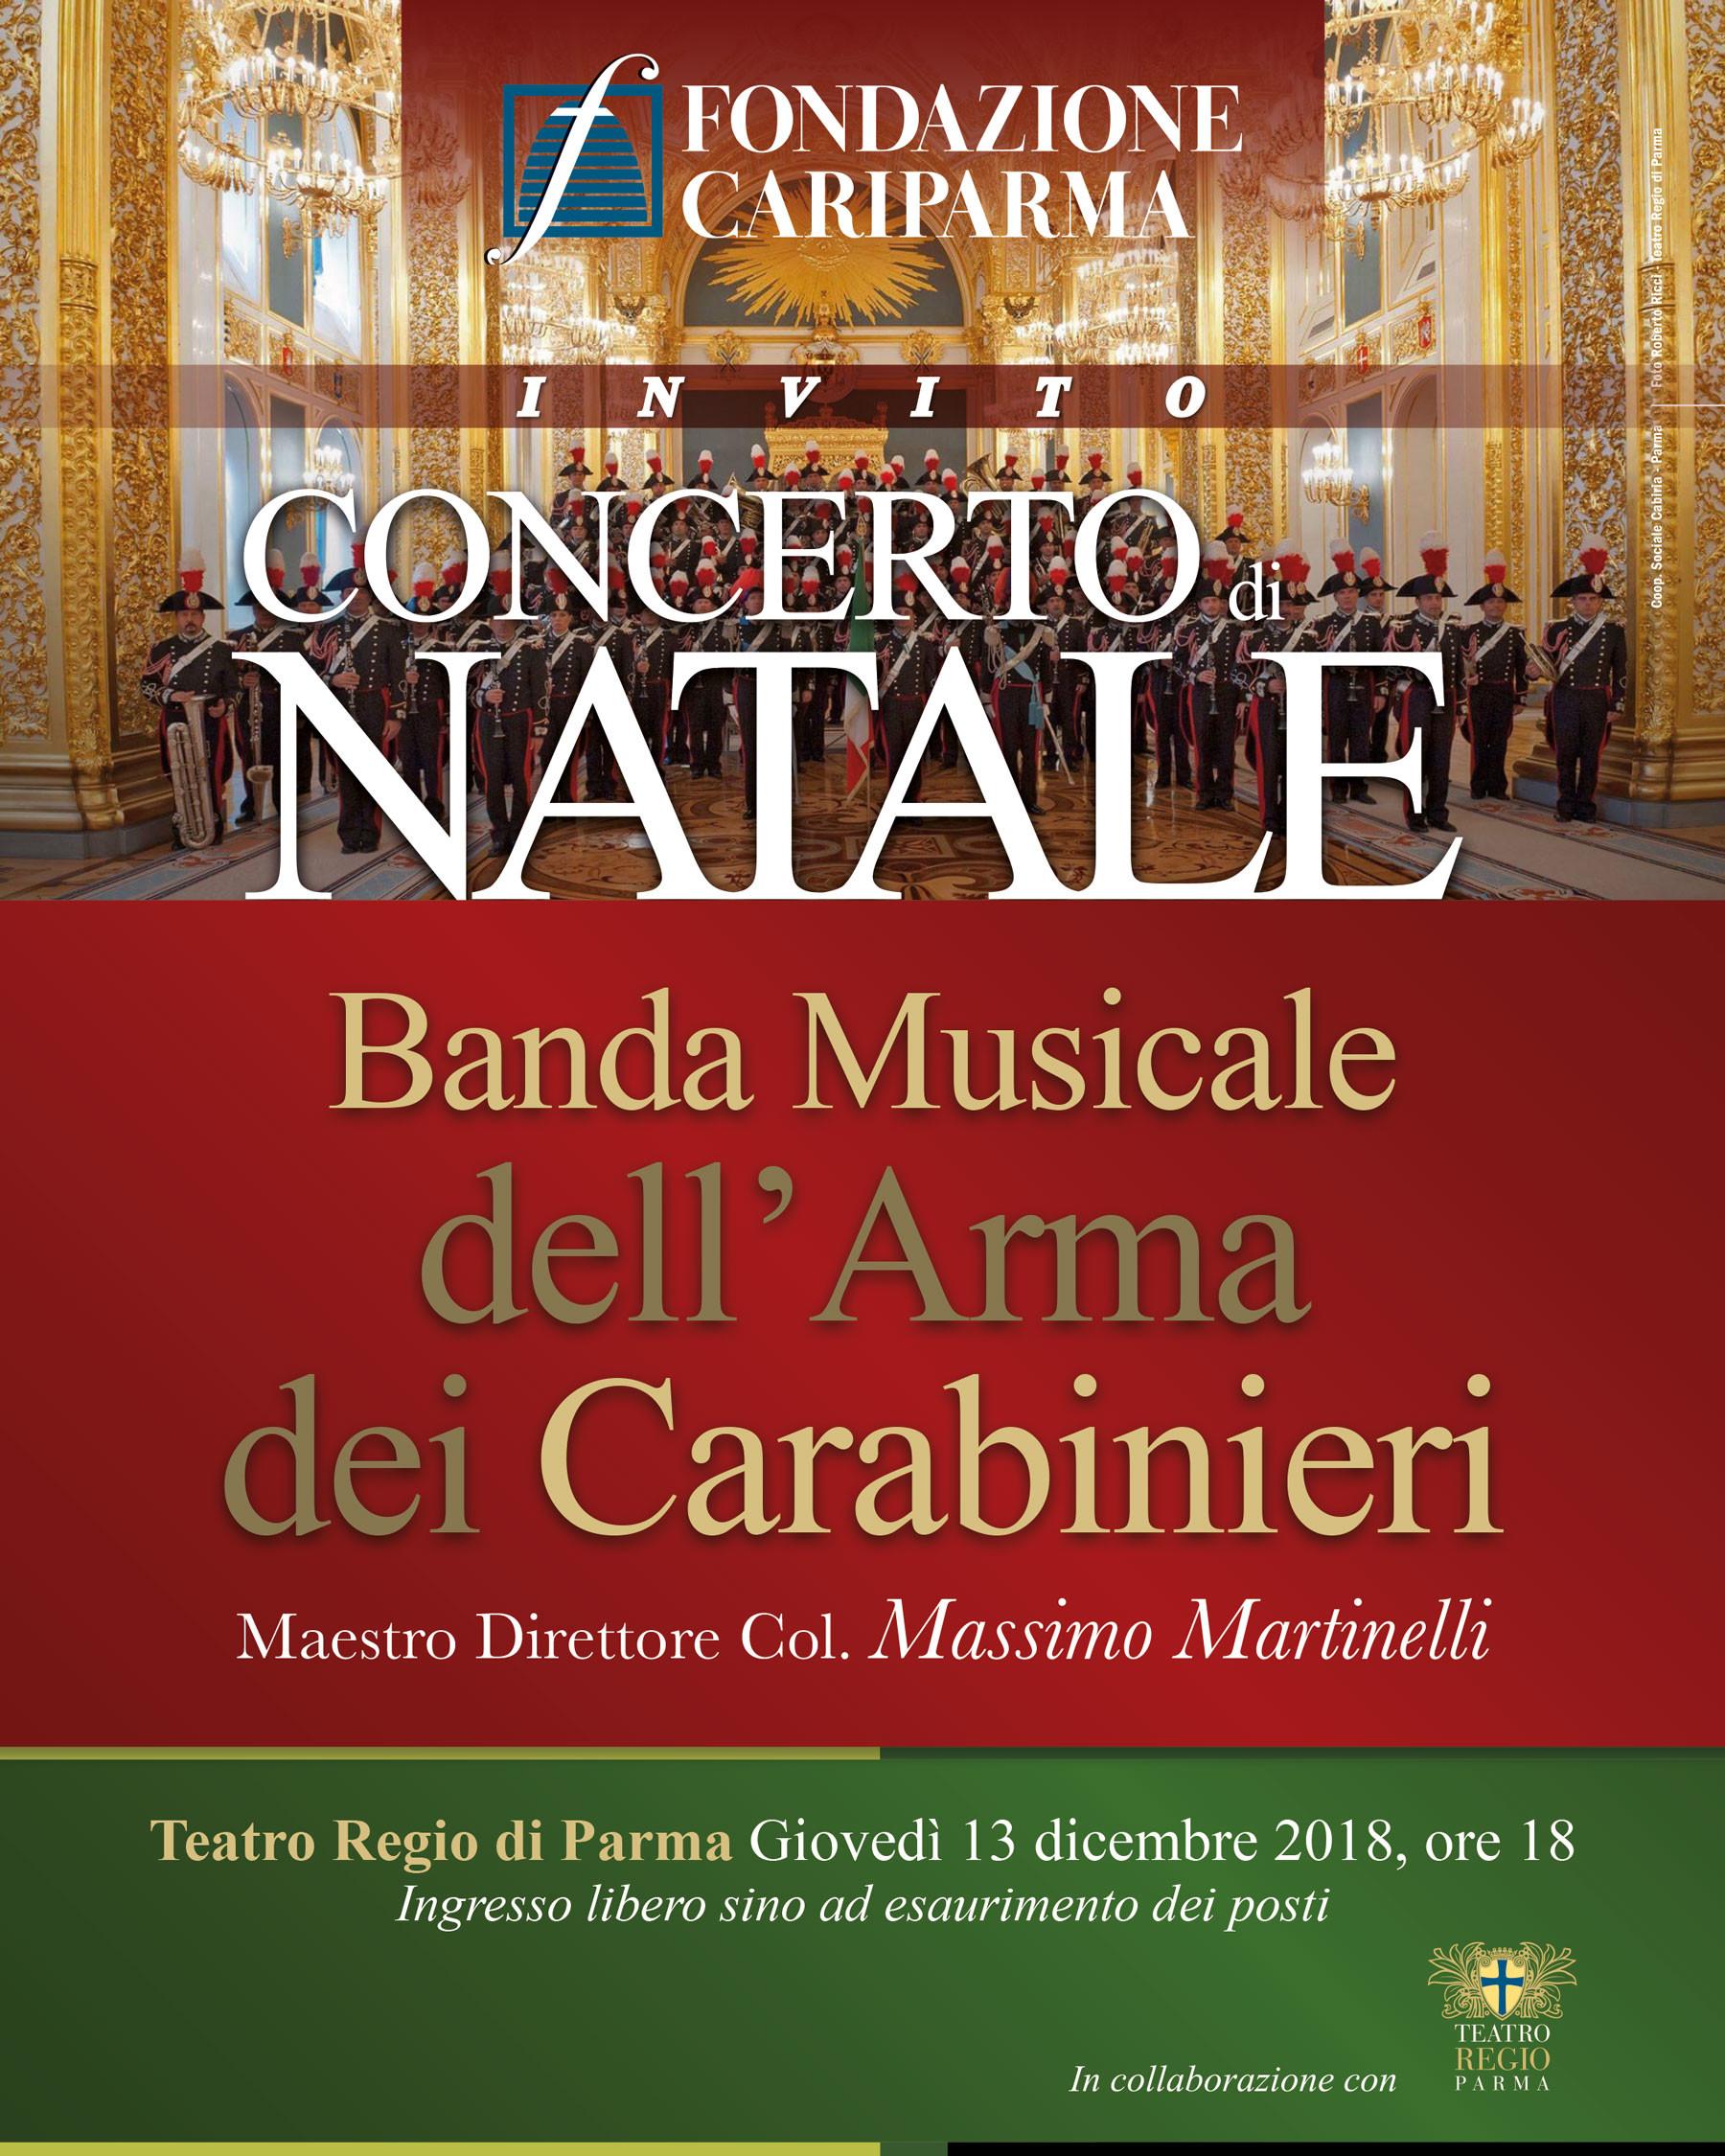 Concerto di Natale della Fondazione Cariparma con la Banda Musicale dell'Arma dei Carabinieri